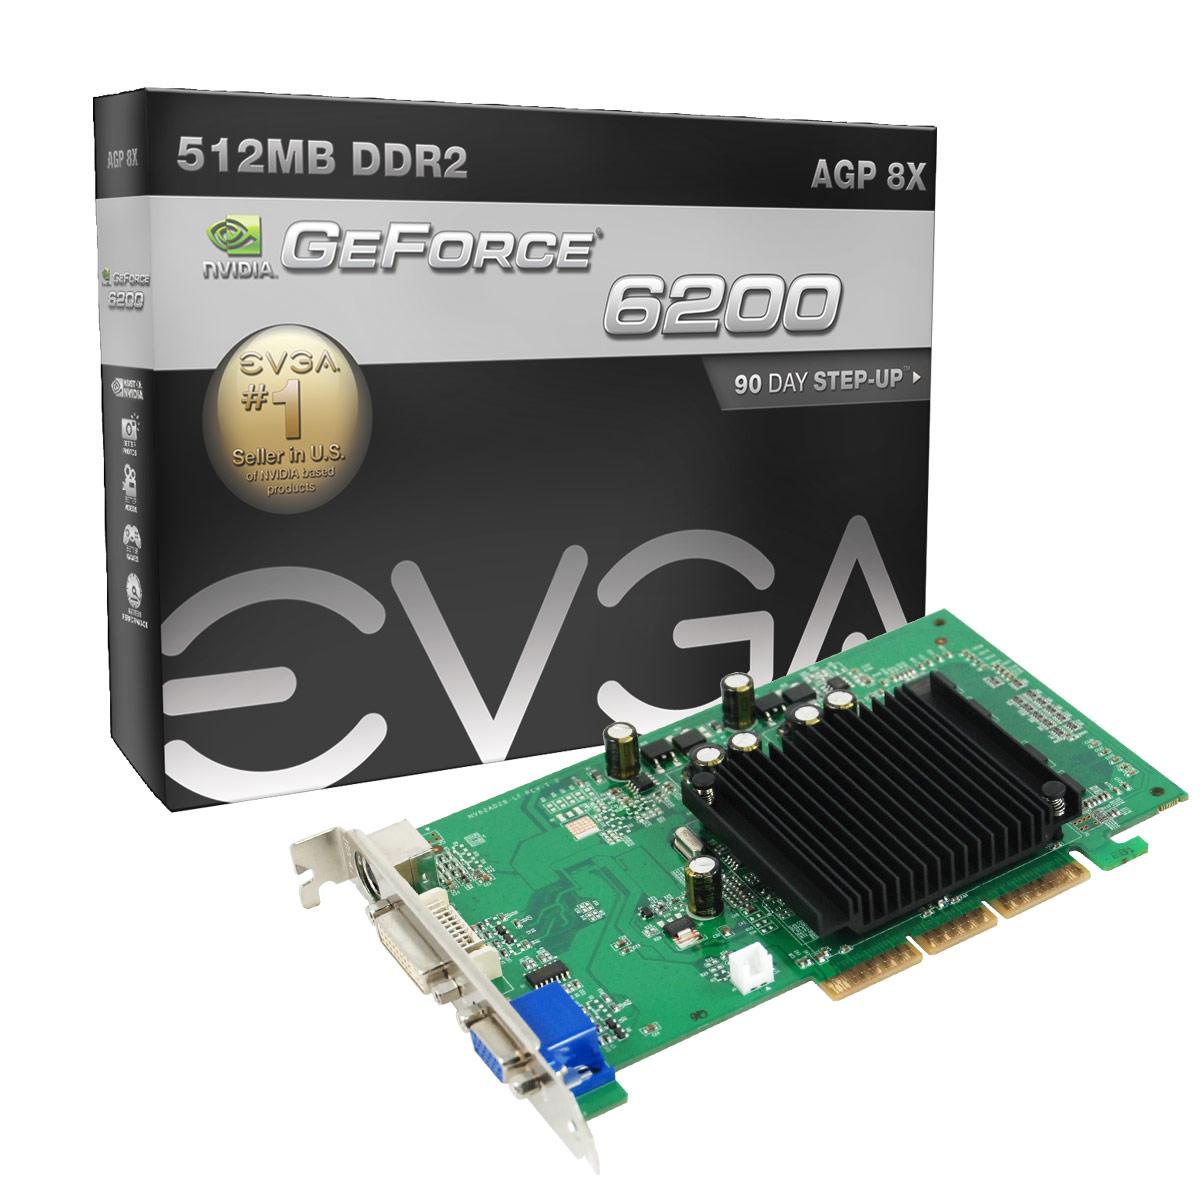 Placa de Video AGP GeForce FX6200 512MB DDR2 64Bits DVI-VGA 512-A8-N403-LR - EVGA